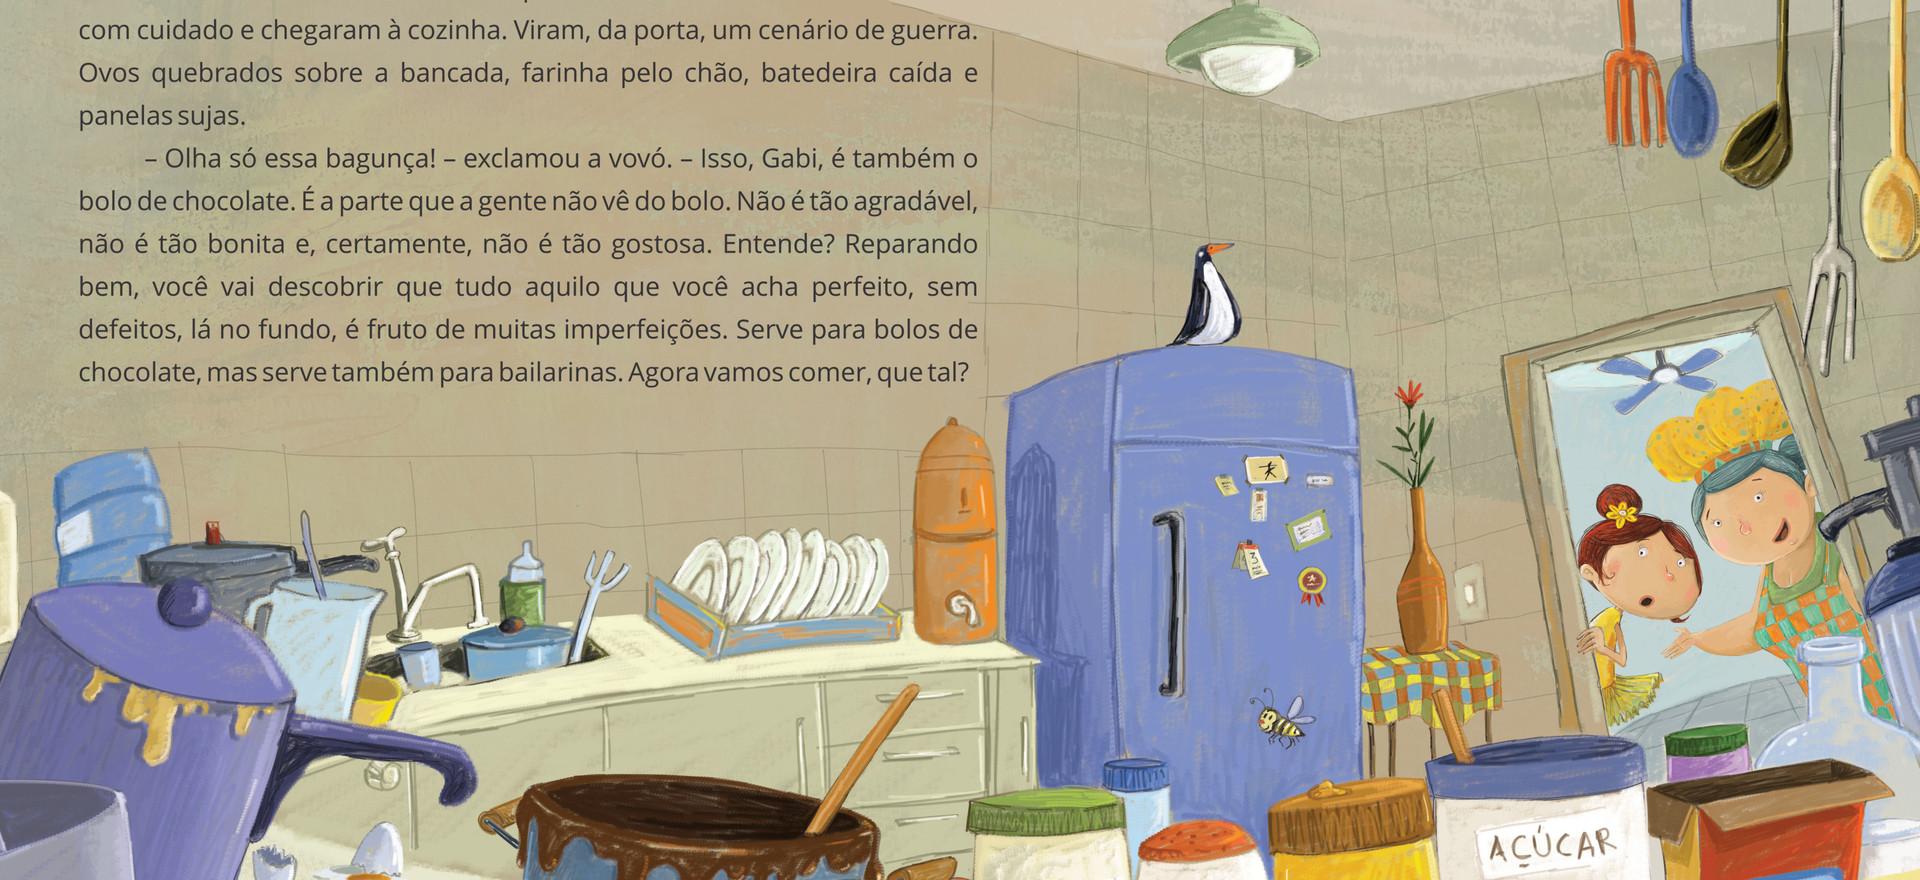 Ilustração para o livro: O tutu amarelo e o bolo de chocolate